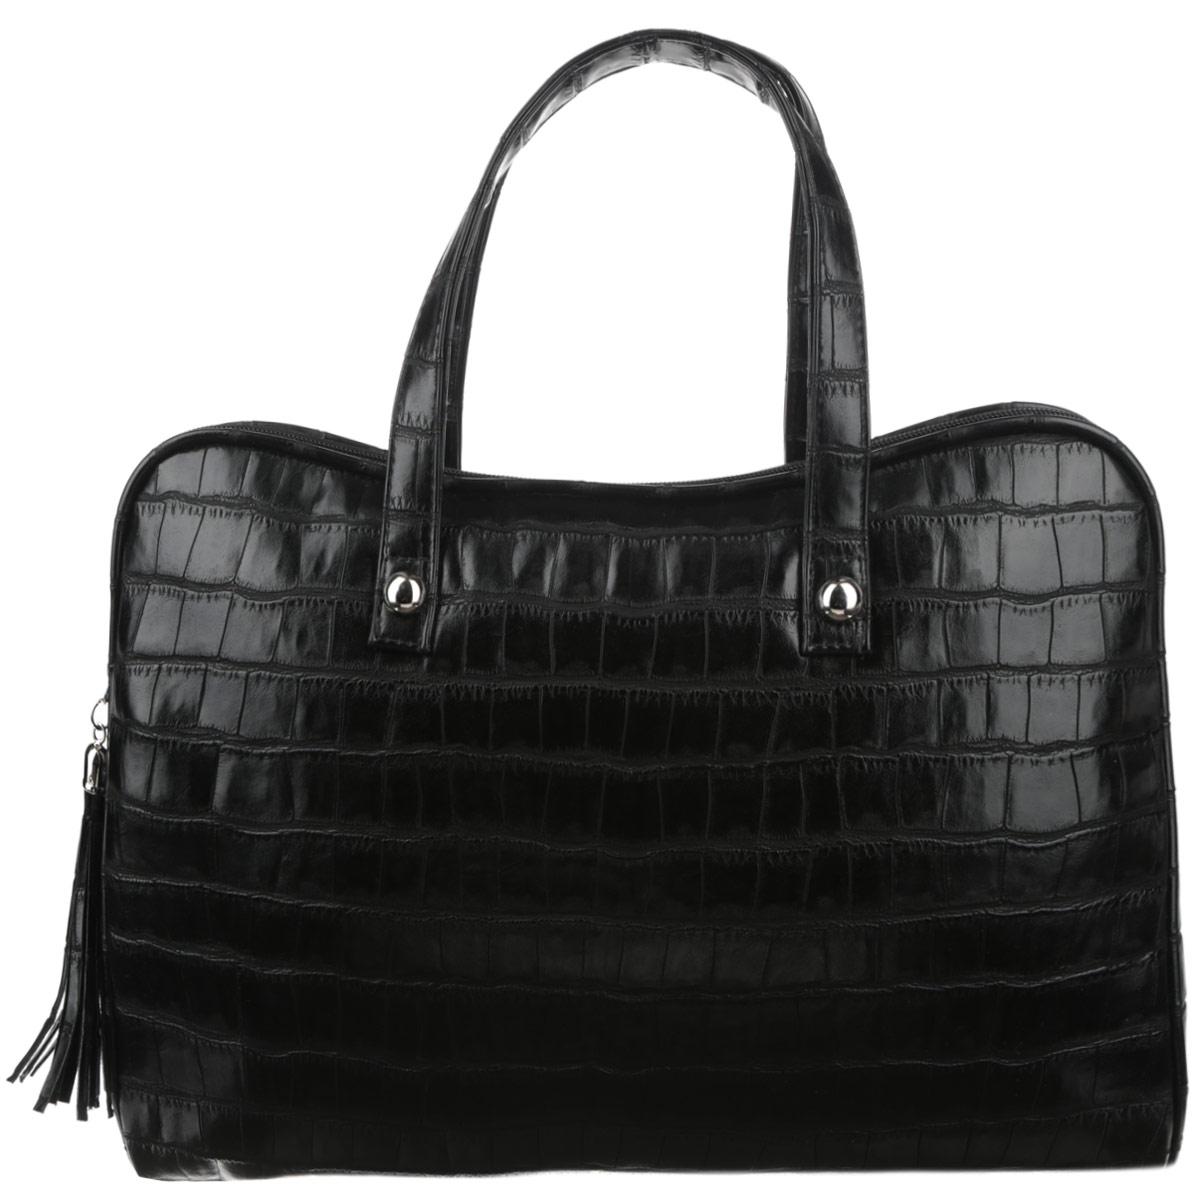 Сумка женская Antan, цвет: черный. 3-37/23-37/2Стильная сумка Antan изготовлена из искусственной кожи с блеском и оформлена тиснением под крокодила. Сумка создана для женщин, ценящих лаконичный дизайн в сочетании с функциональностью. Сумка содержит одно вместительное отделение с двумя нашивными небольшими карманами и закрывается на пластиковую застежку-молнию с фирменным брелоком-кистью. На задней стенке сумки врезной карман на молнии. Изделие оснащено двумя практичными ручками, которые дополнены декоративными металлическими элементами. Сумка носится на сгибе руки или в руке. Оригинальный аксессуар позволит вам завершить образ и быть неотразимой.